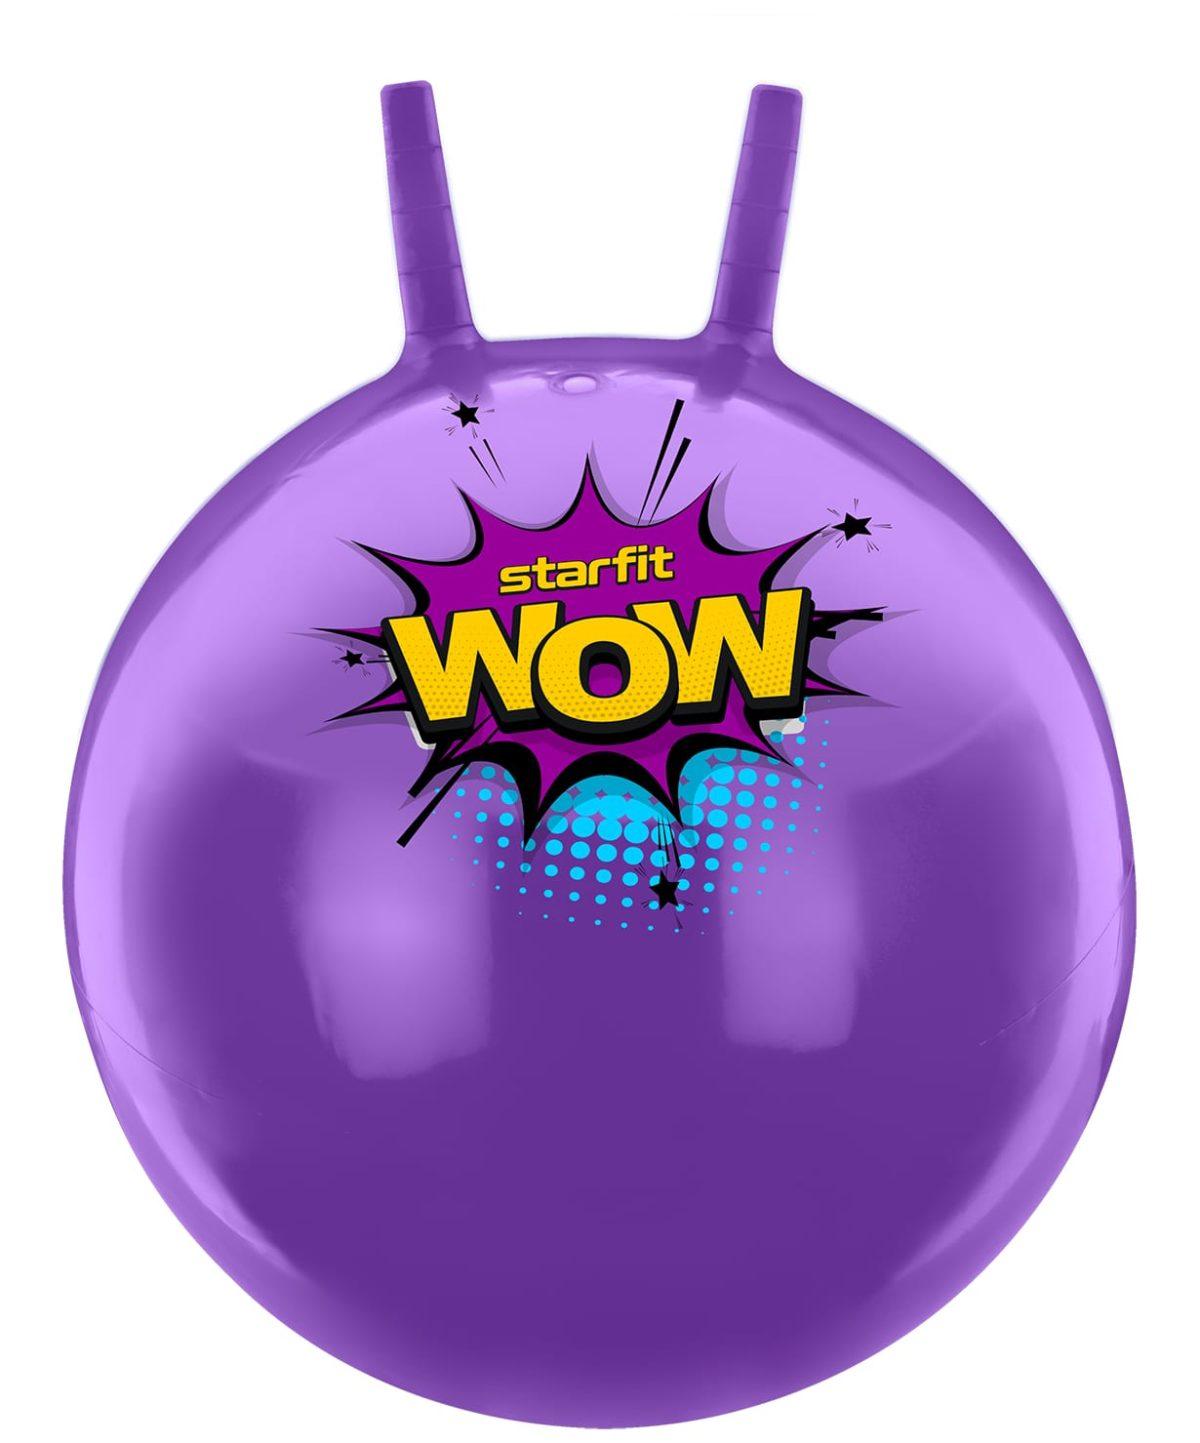 STARFIT WOW Мяч попрыгун с рожками 55 см   GB-0402  : фиолетовый - 1